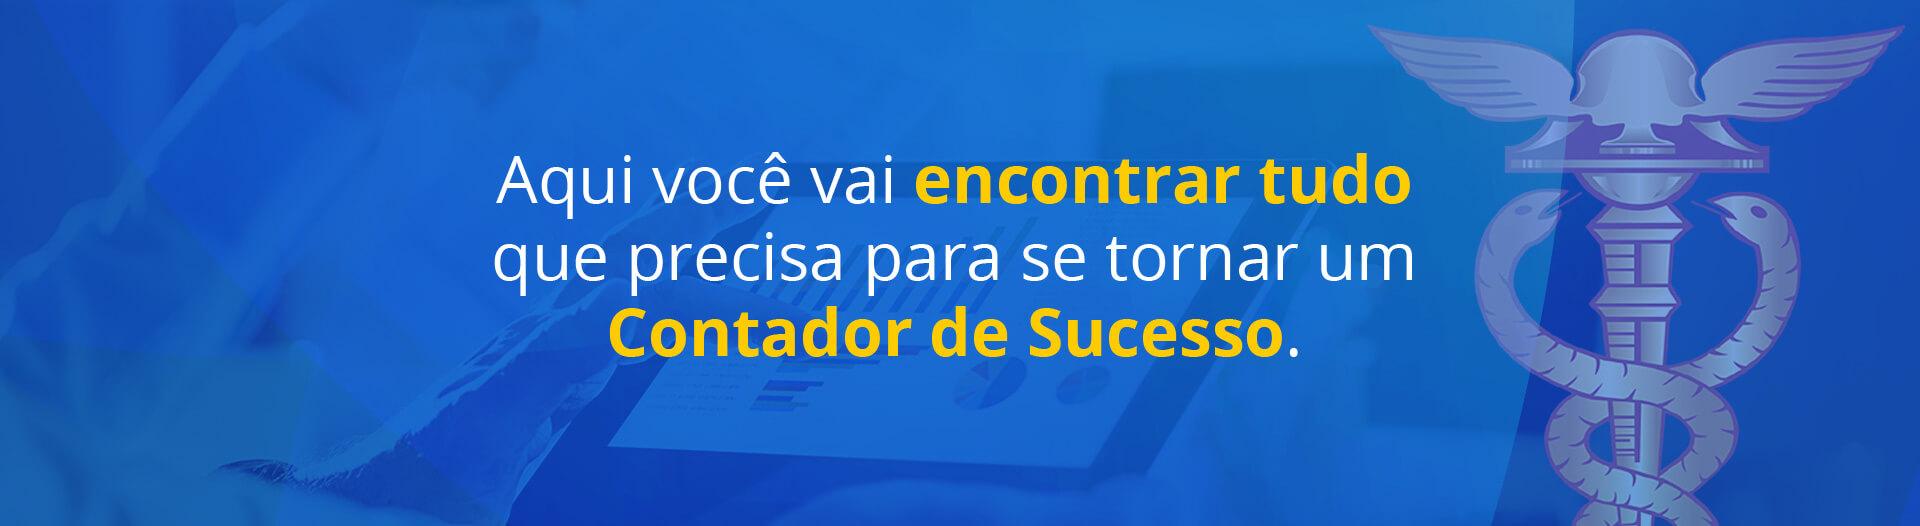 Contador Nota 10 - contador de sucesso